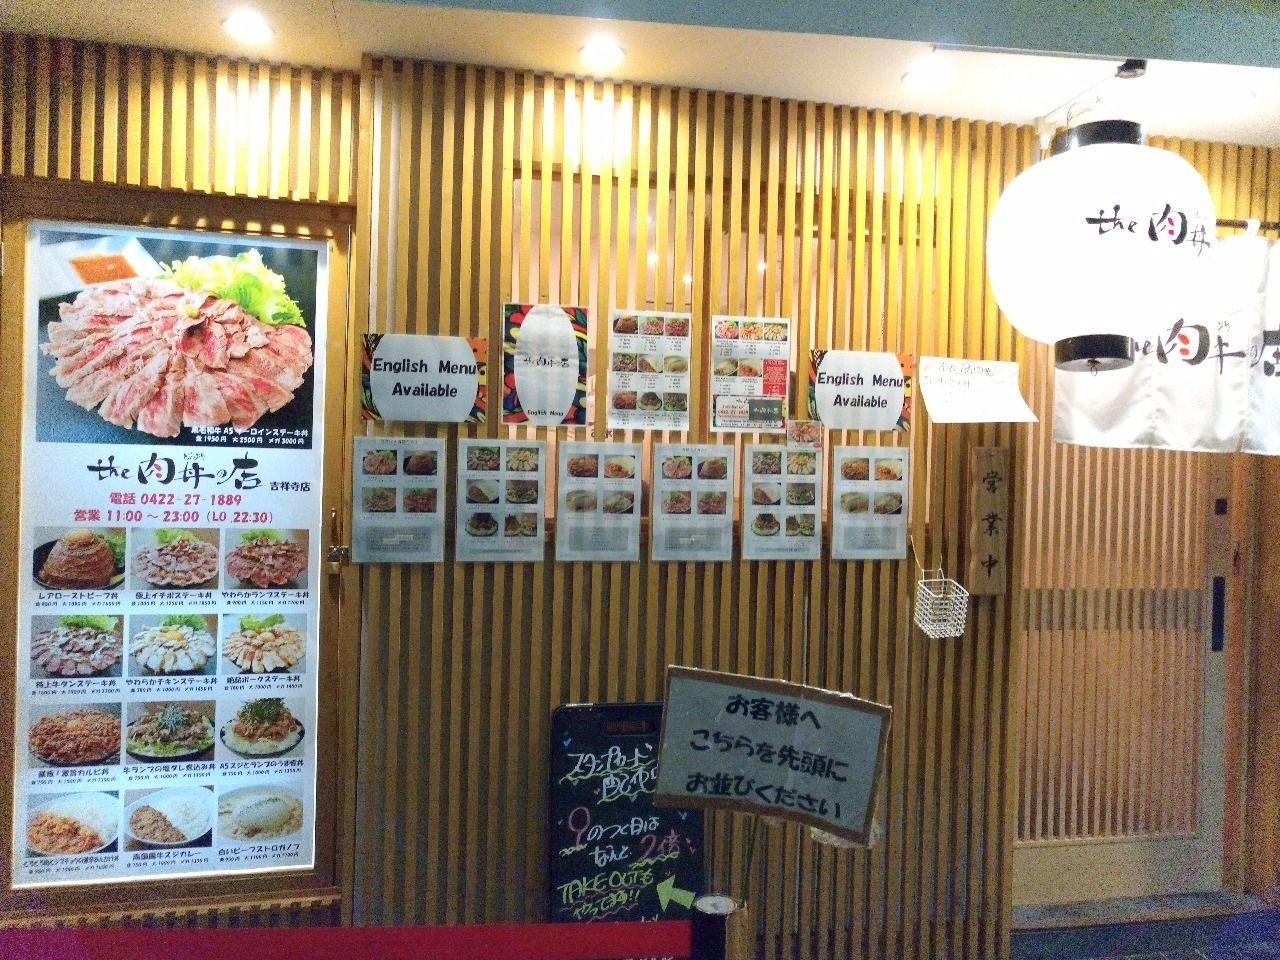 吉祥寺のローストビーフ丼の店